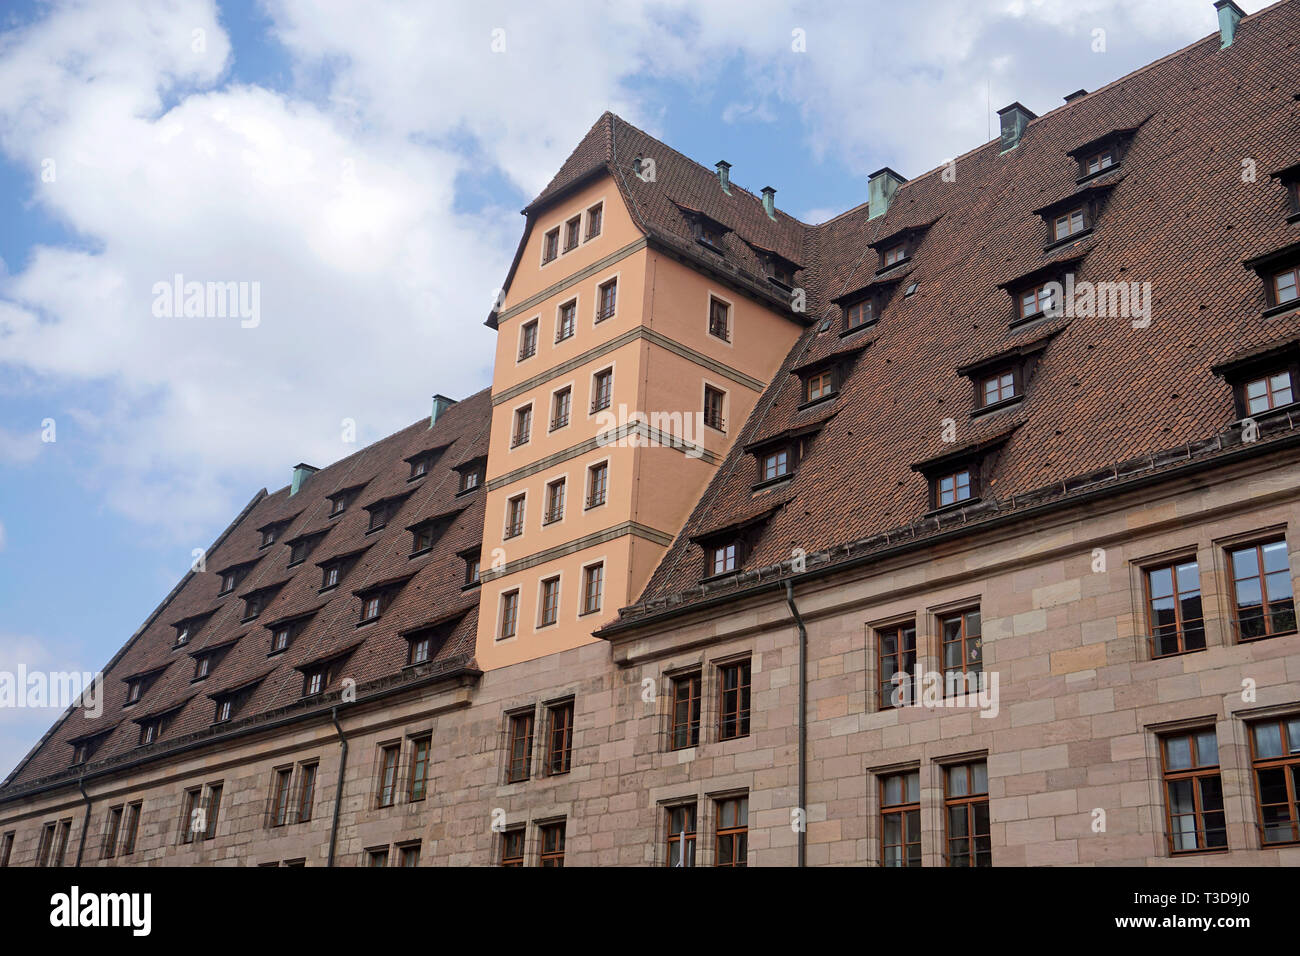 Detailaufnahme der Mauthalle in der Lorenzer Altsstadt, Nürnberg, Franken, Bayern, Deutschland | Detail of histori custom house, Lorenzer old town, Nu - Stock Image